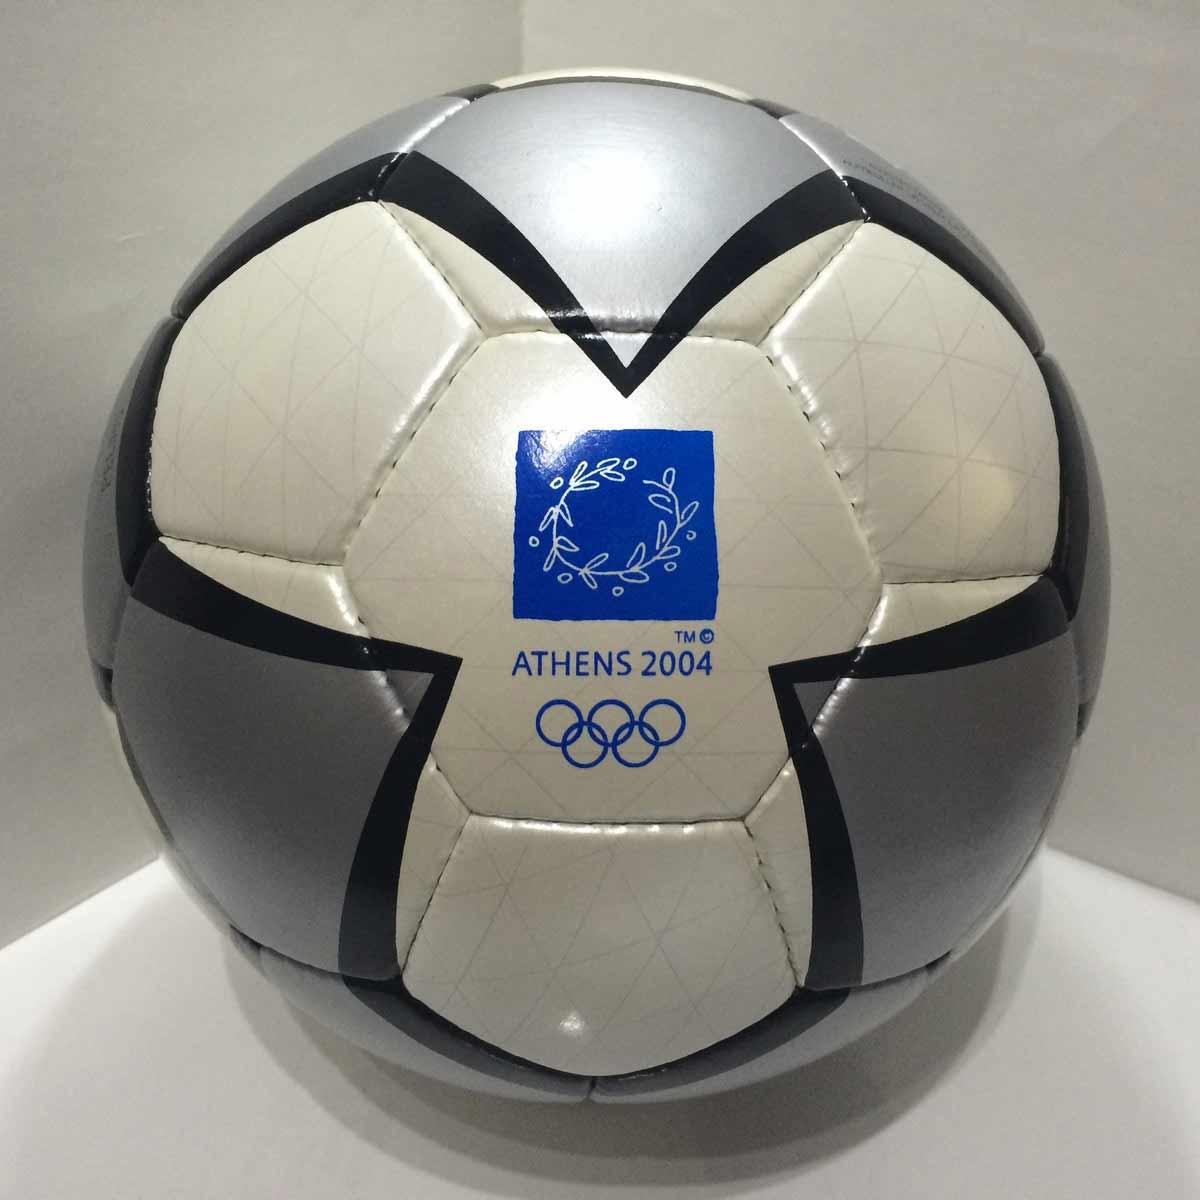 Официальный мяч олимпийских игр 2004 - Pelias